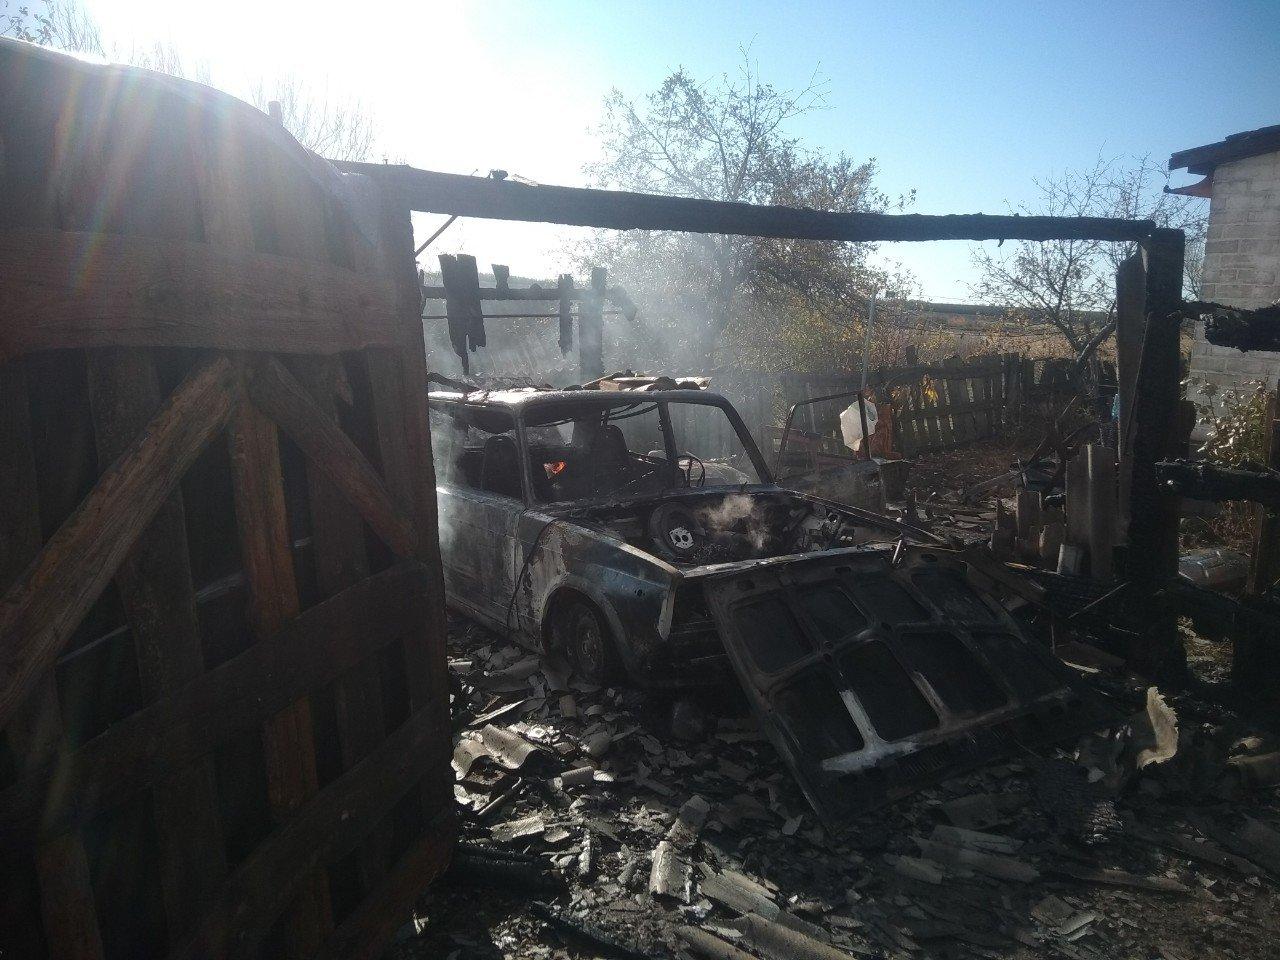 На Харьковщине из-за короткого замыкания полностью сгорел гараж вместе с автомобилем, - ФОТО, фото-1